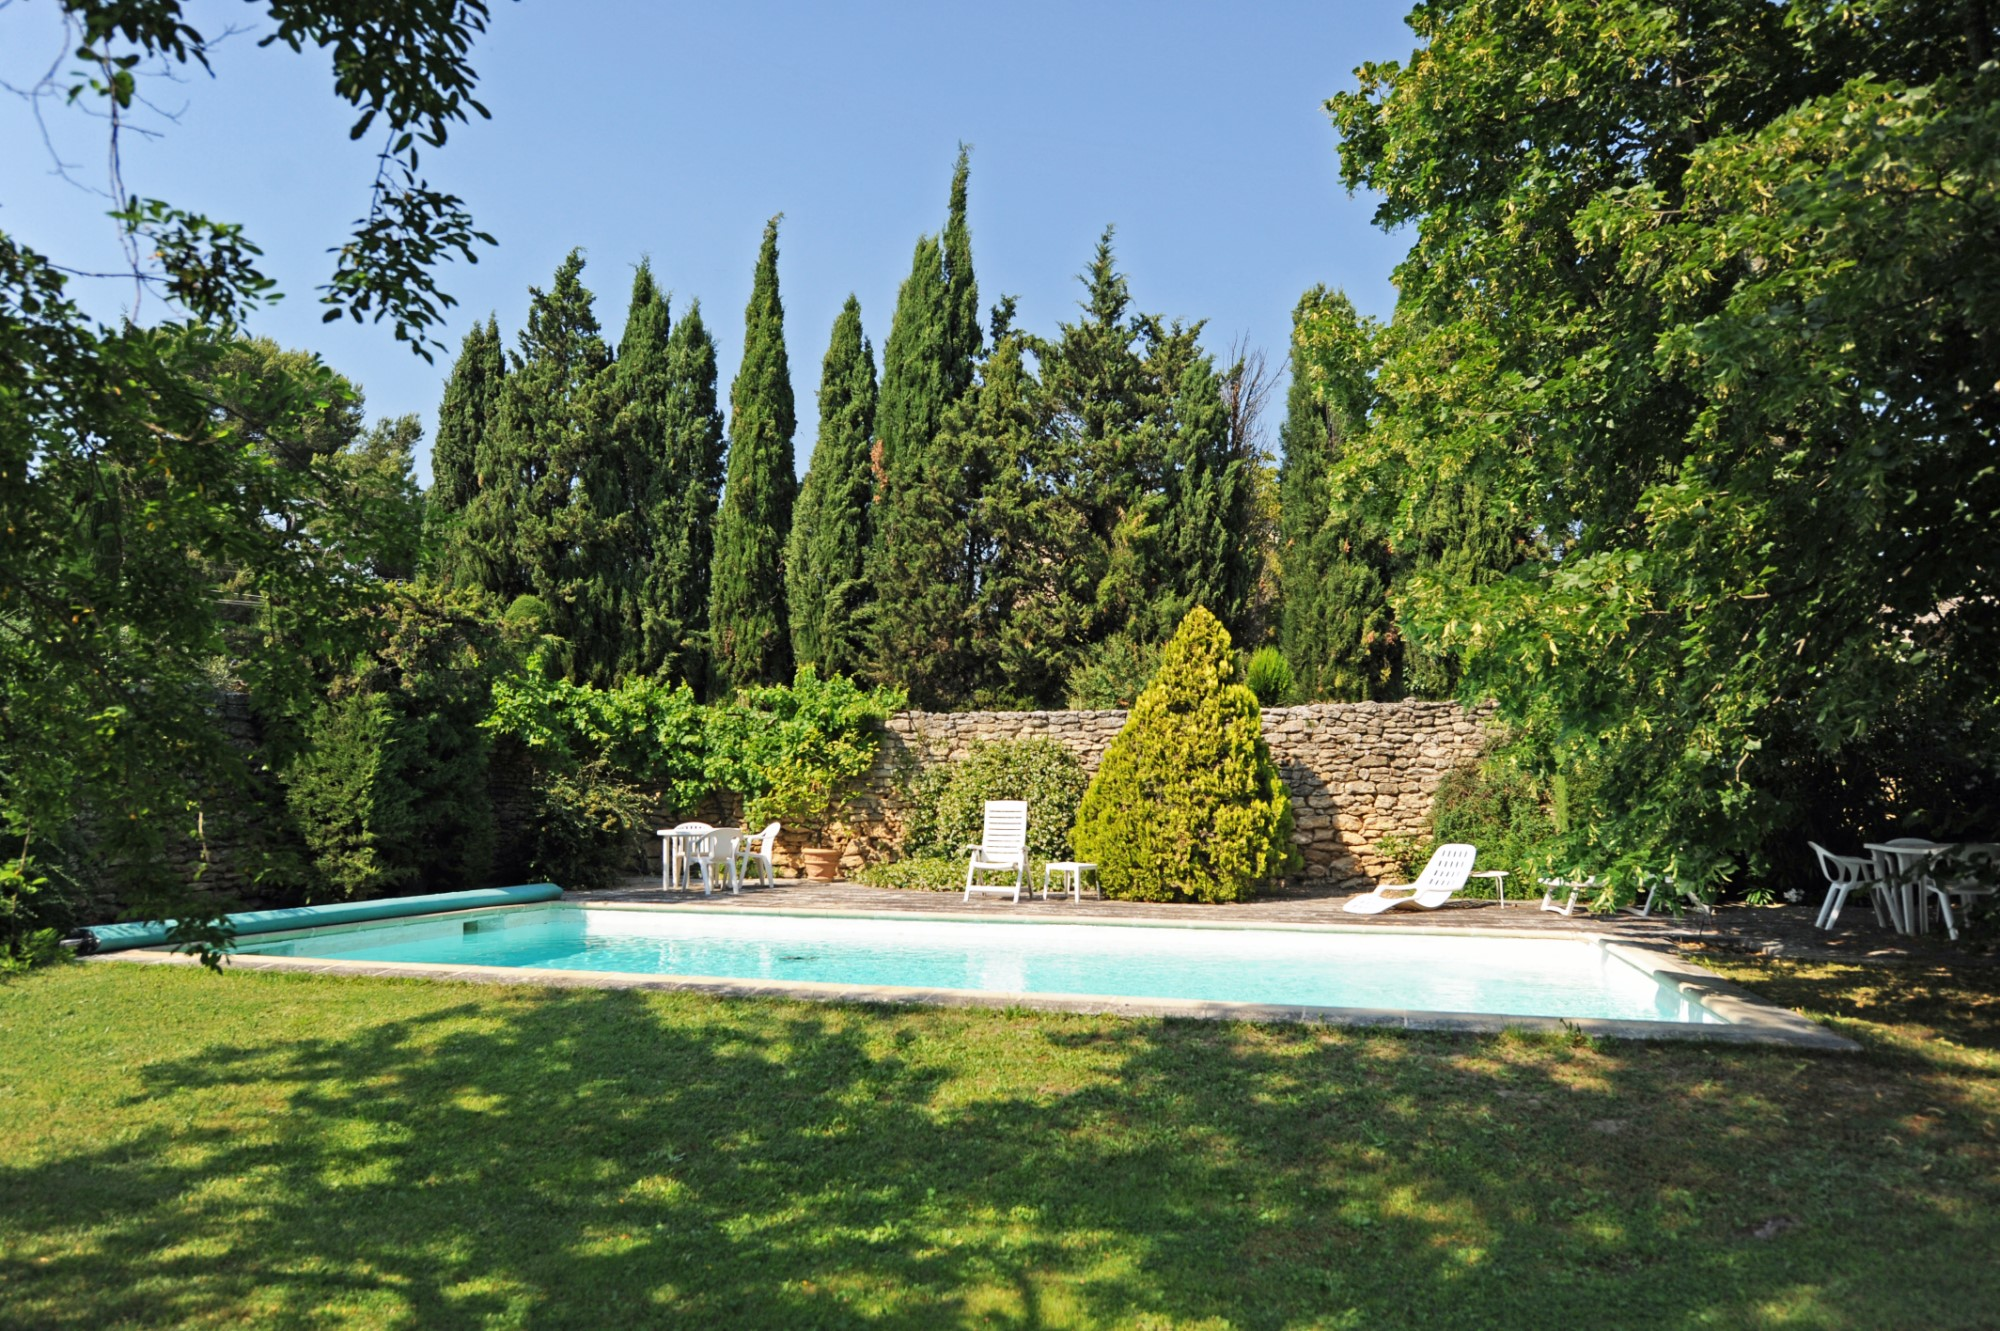 A vendre à Gordes, maison de charme avec piscine et vues